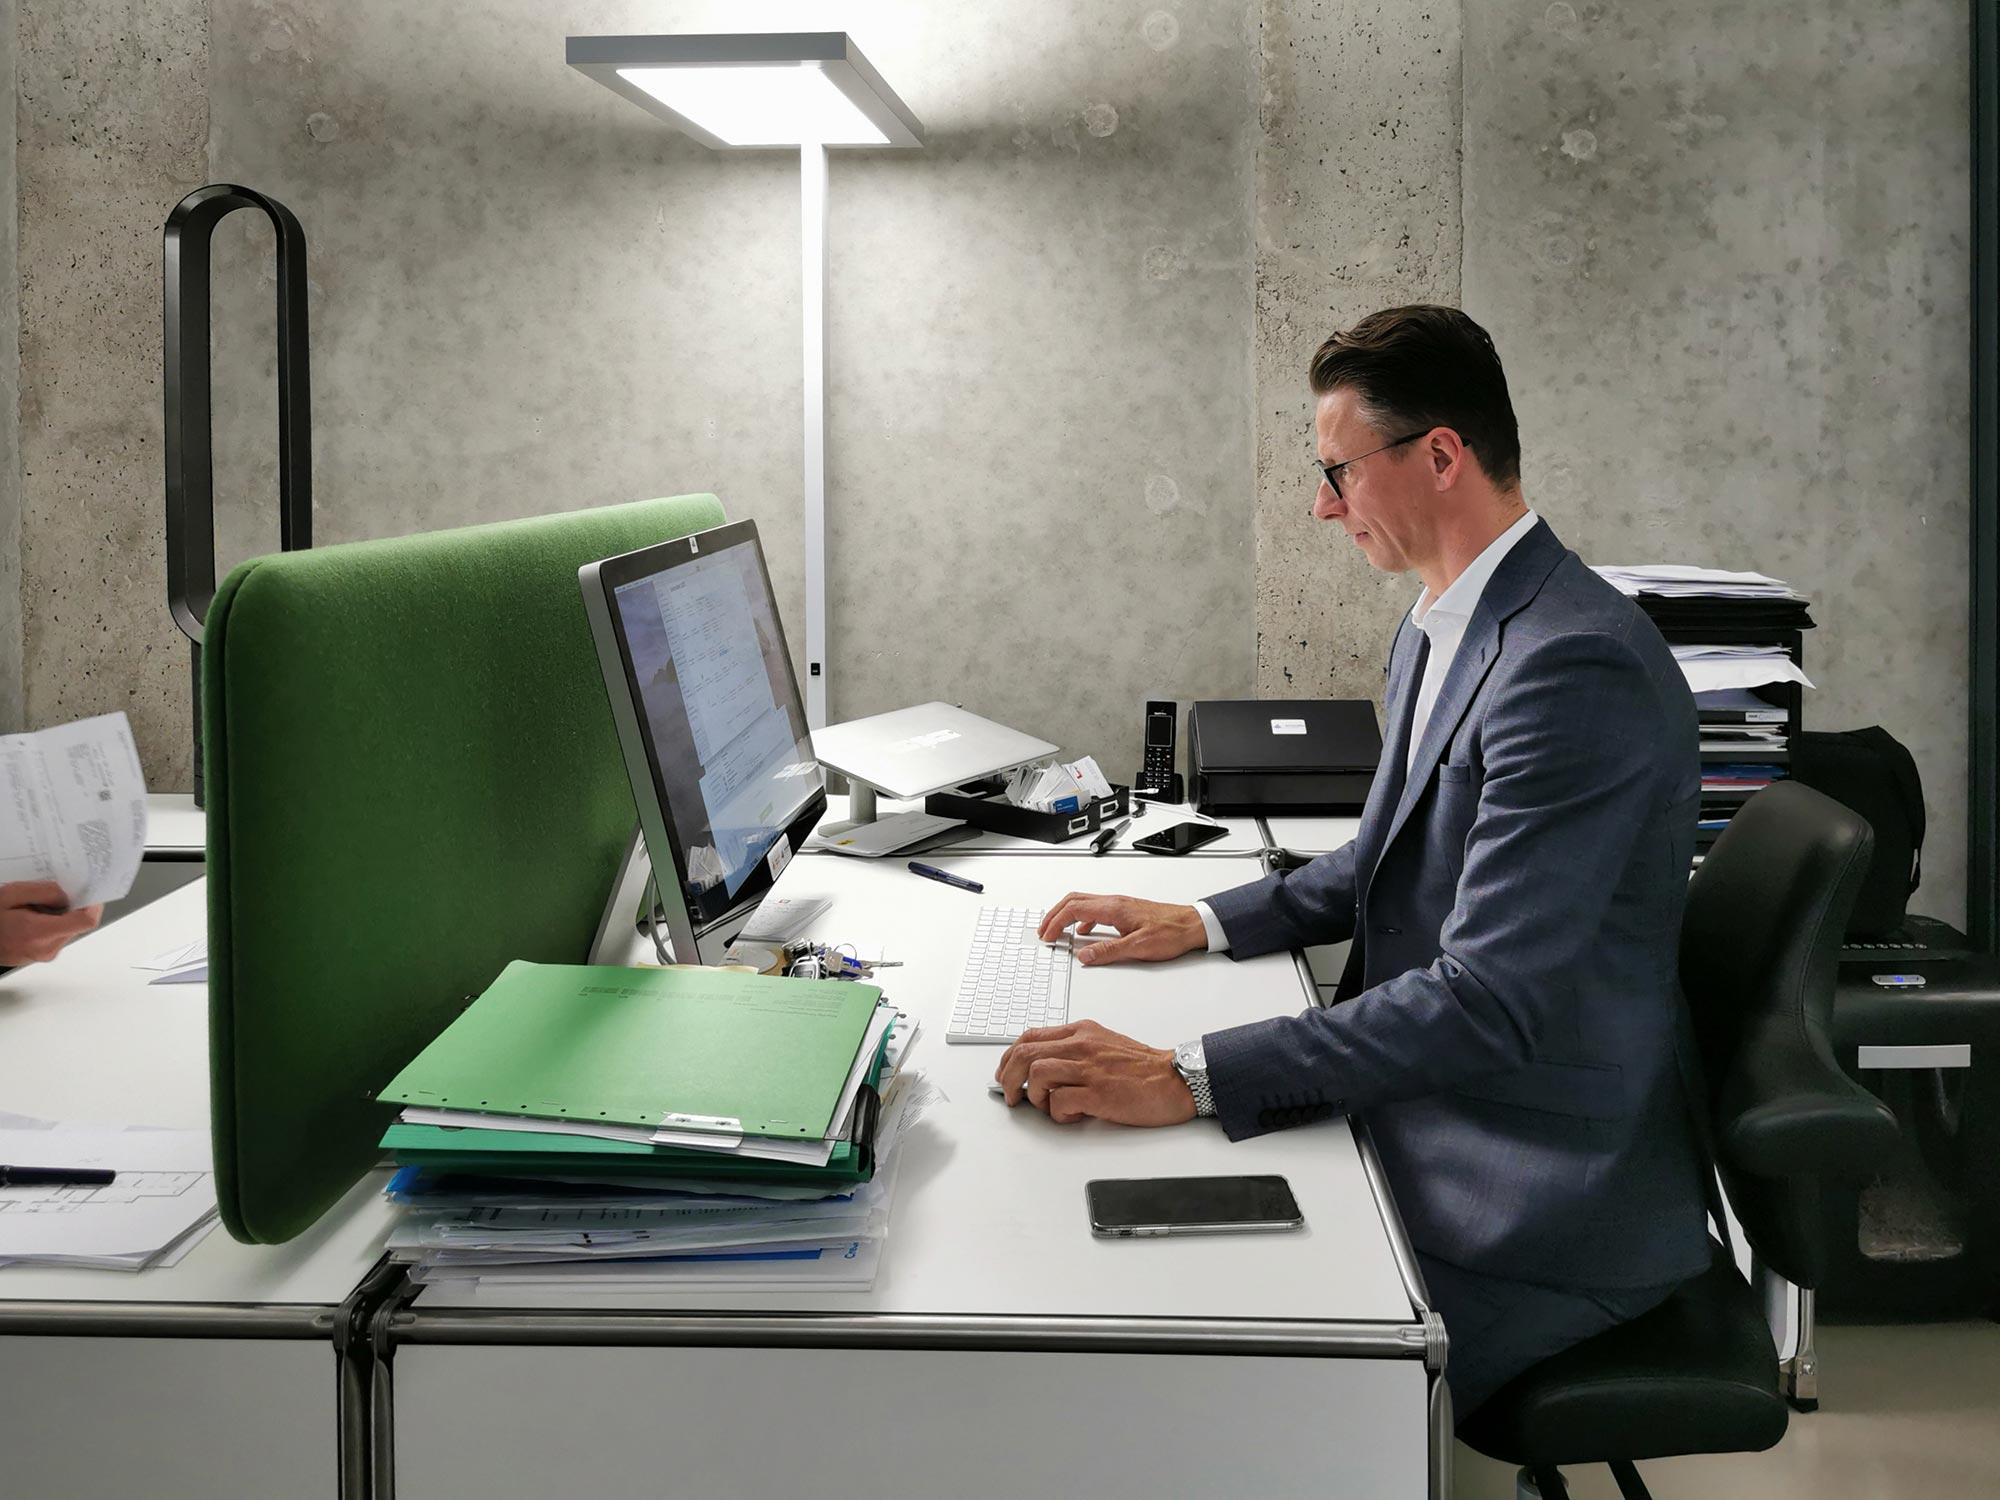 Immobilienmakler bei der Arbeit - Beratung für Kapitalanleger und Immobilienkäufer in Frankfurt